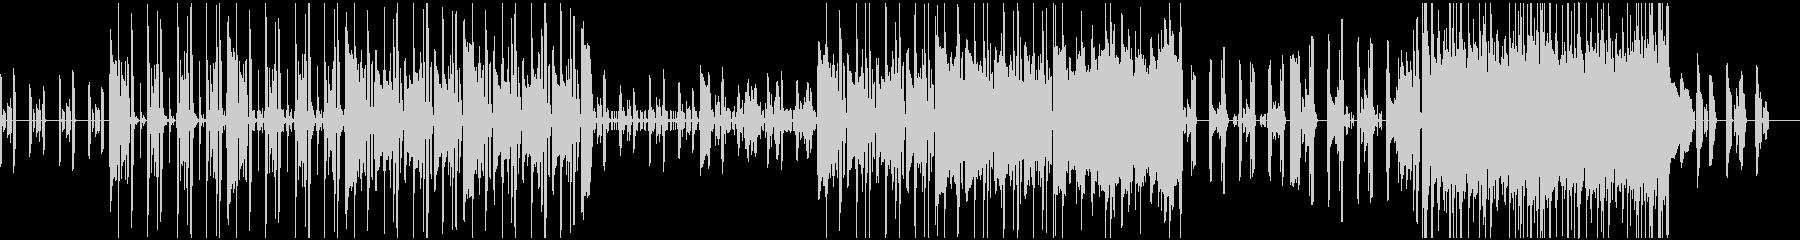 エレキピアノが主役のシックなBGMの未再生の波形